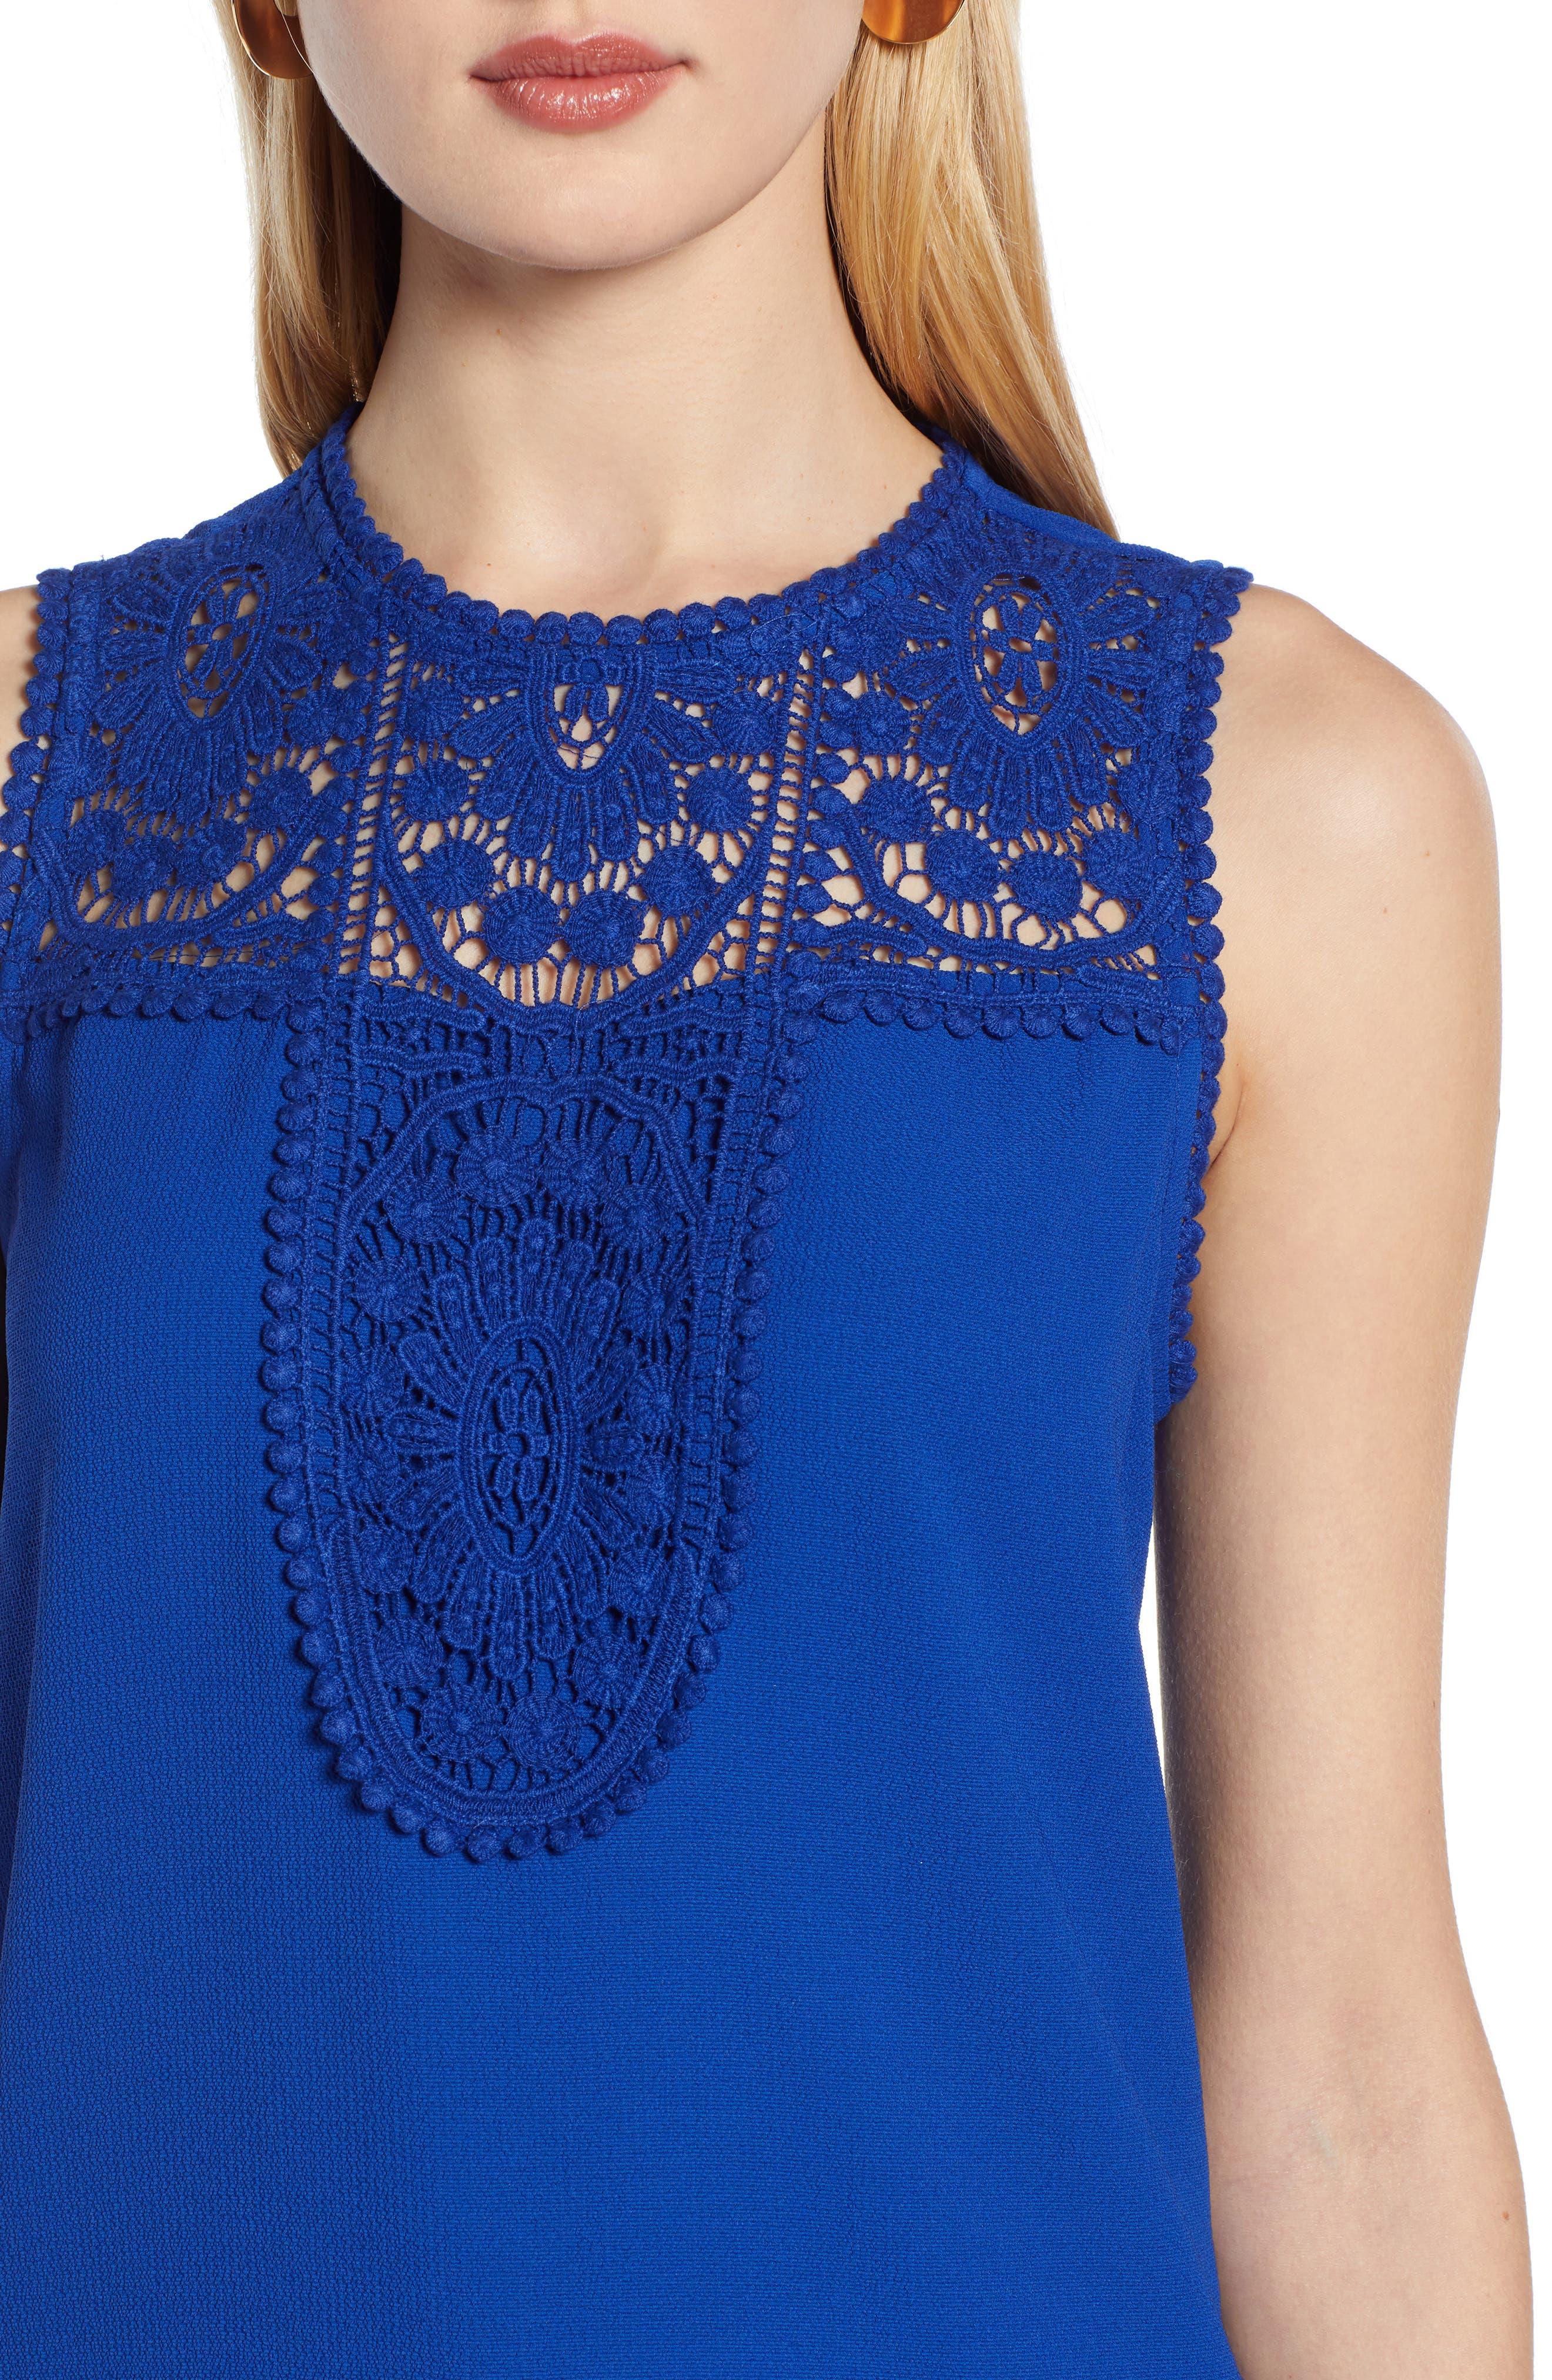 HALOGEN<SUP>®</SUP>, Lace & Crepe Top, Alternate thumbnail 5, color, ROYAL BLUE